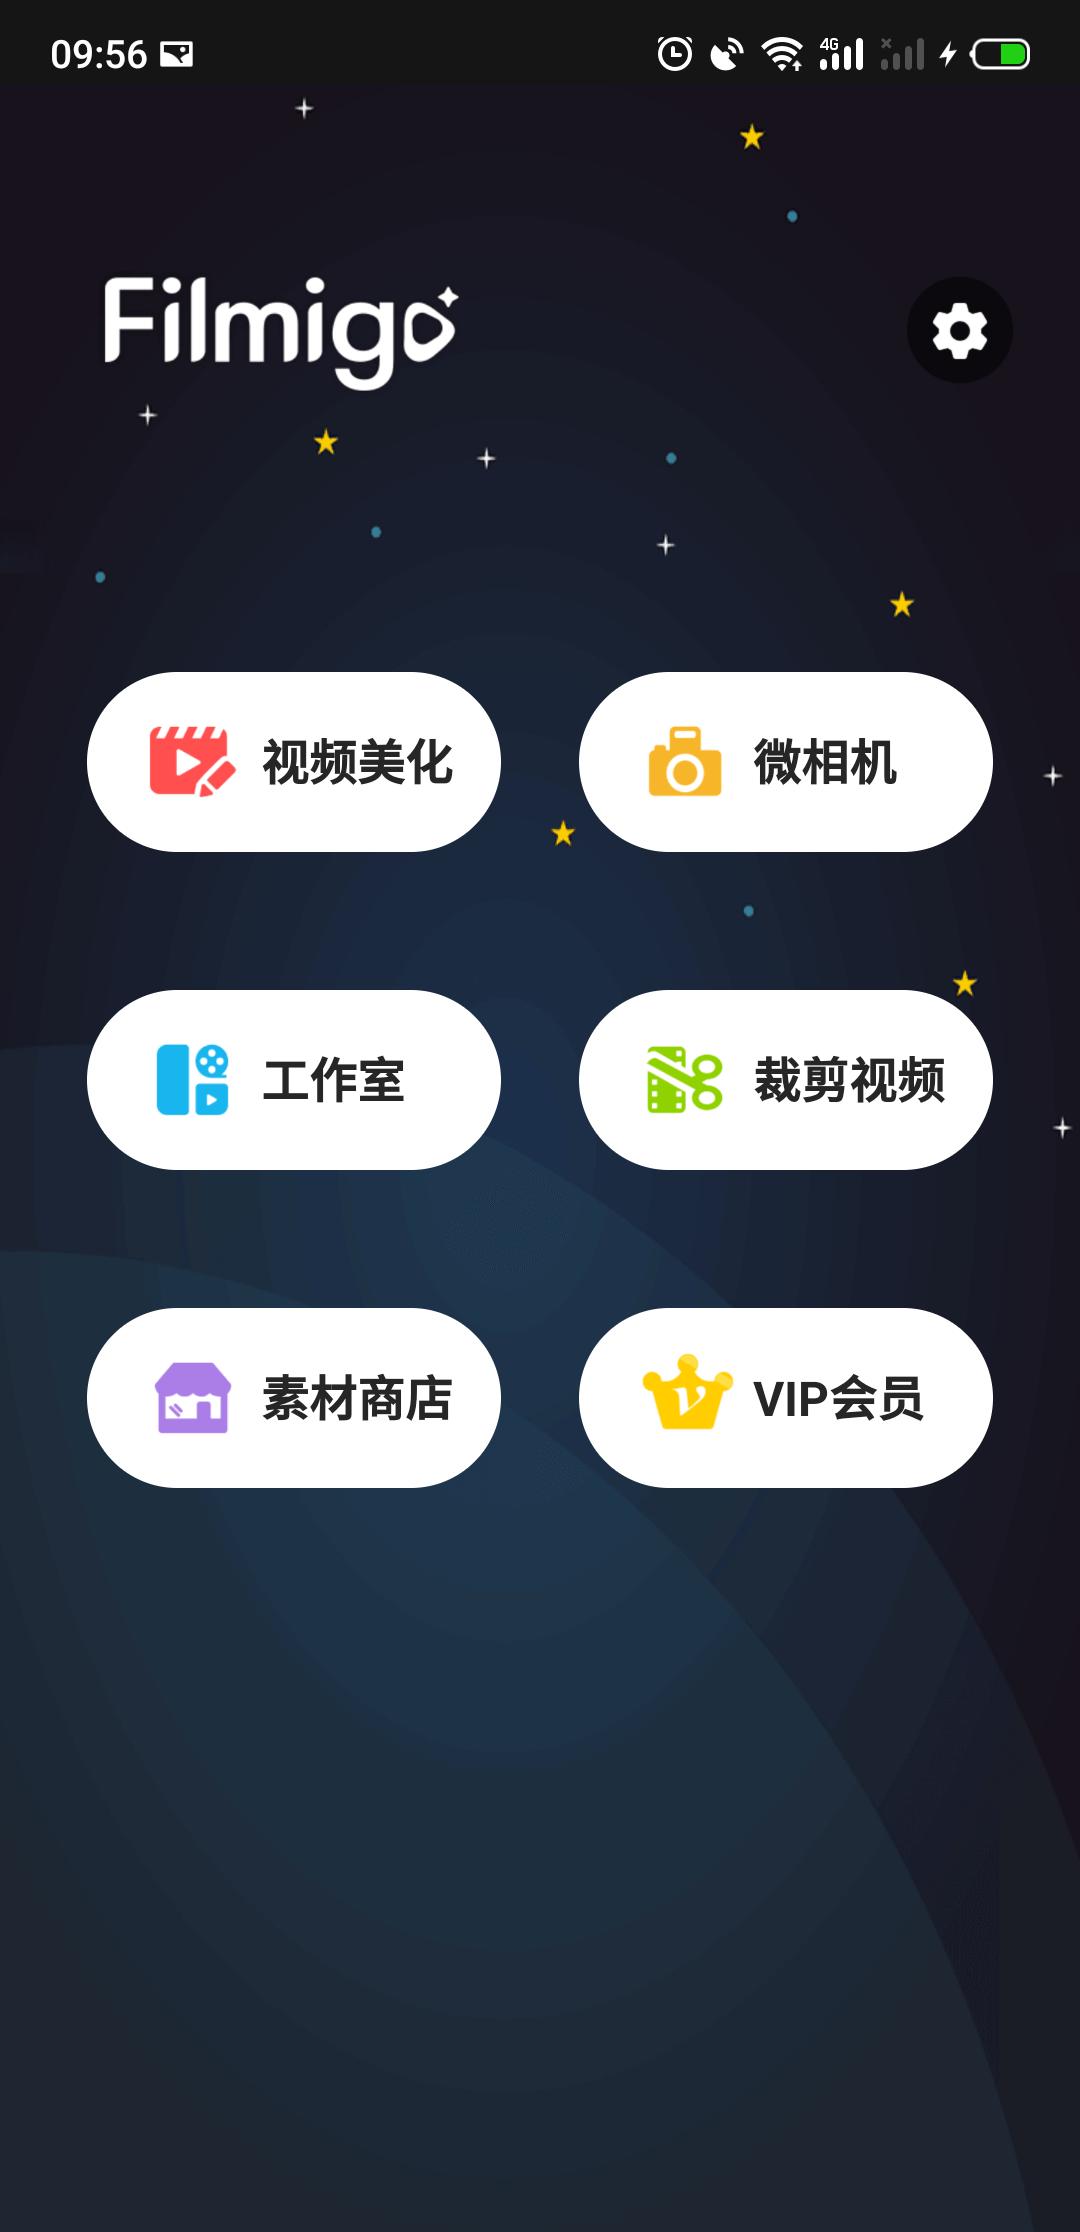 Filmigo视频编辑  导航菜单